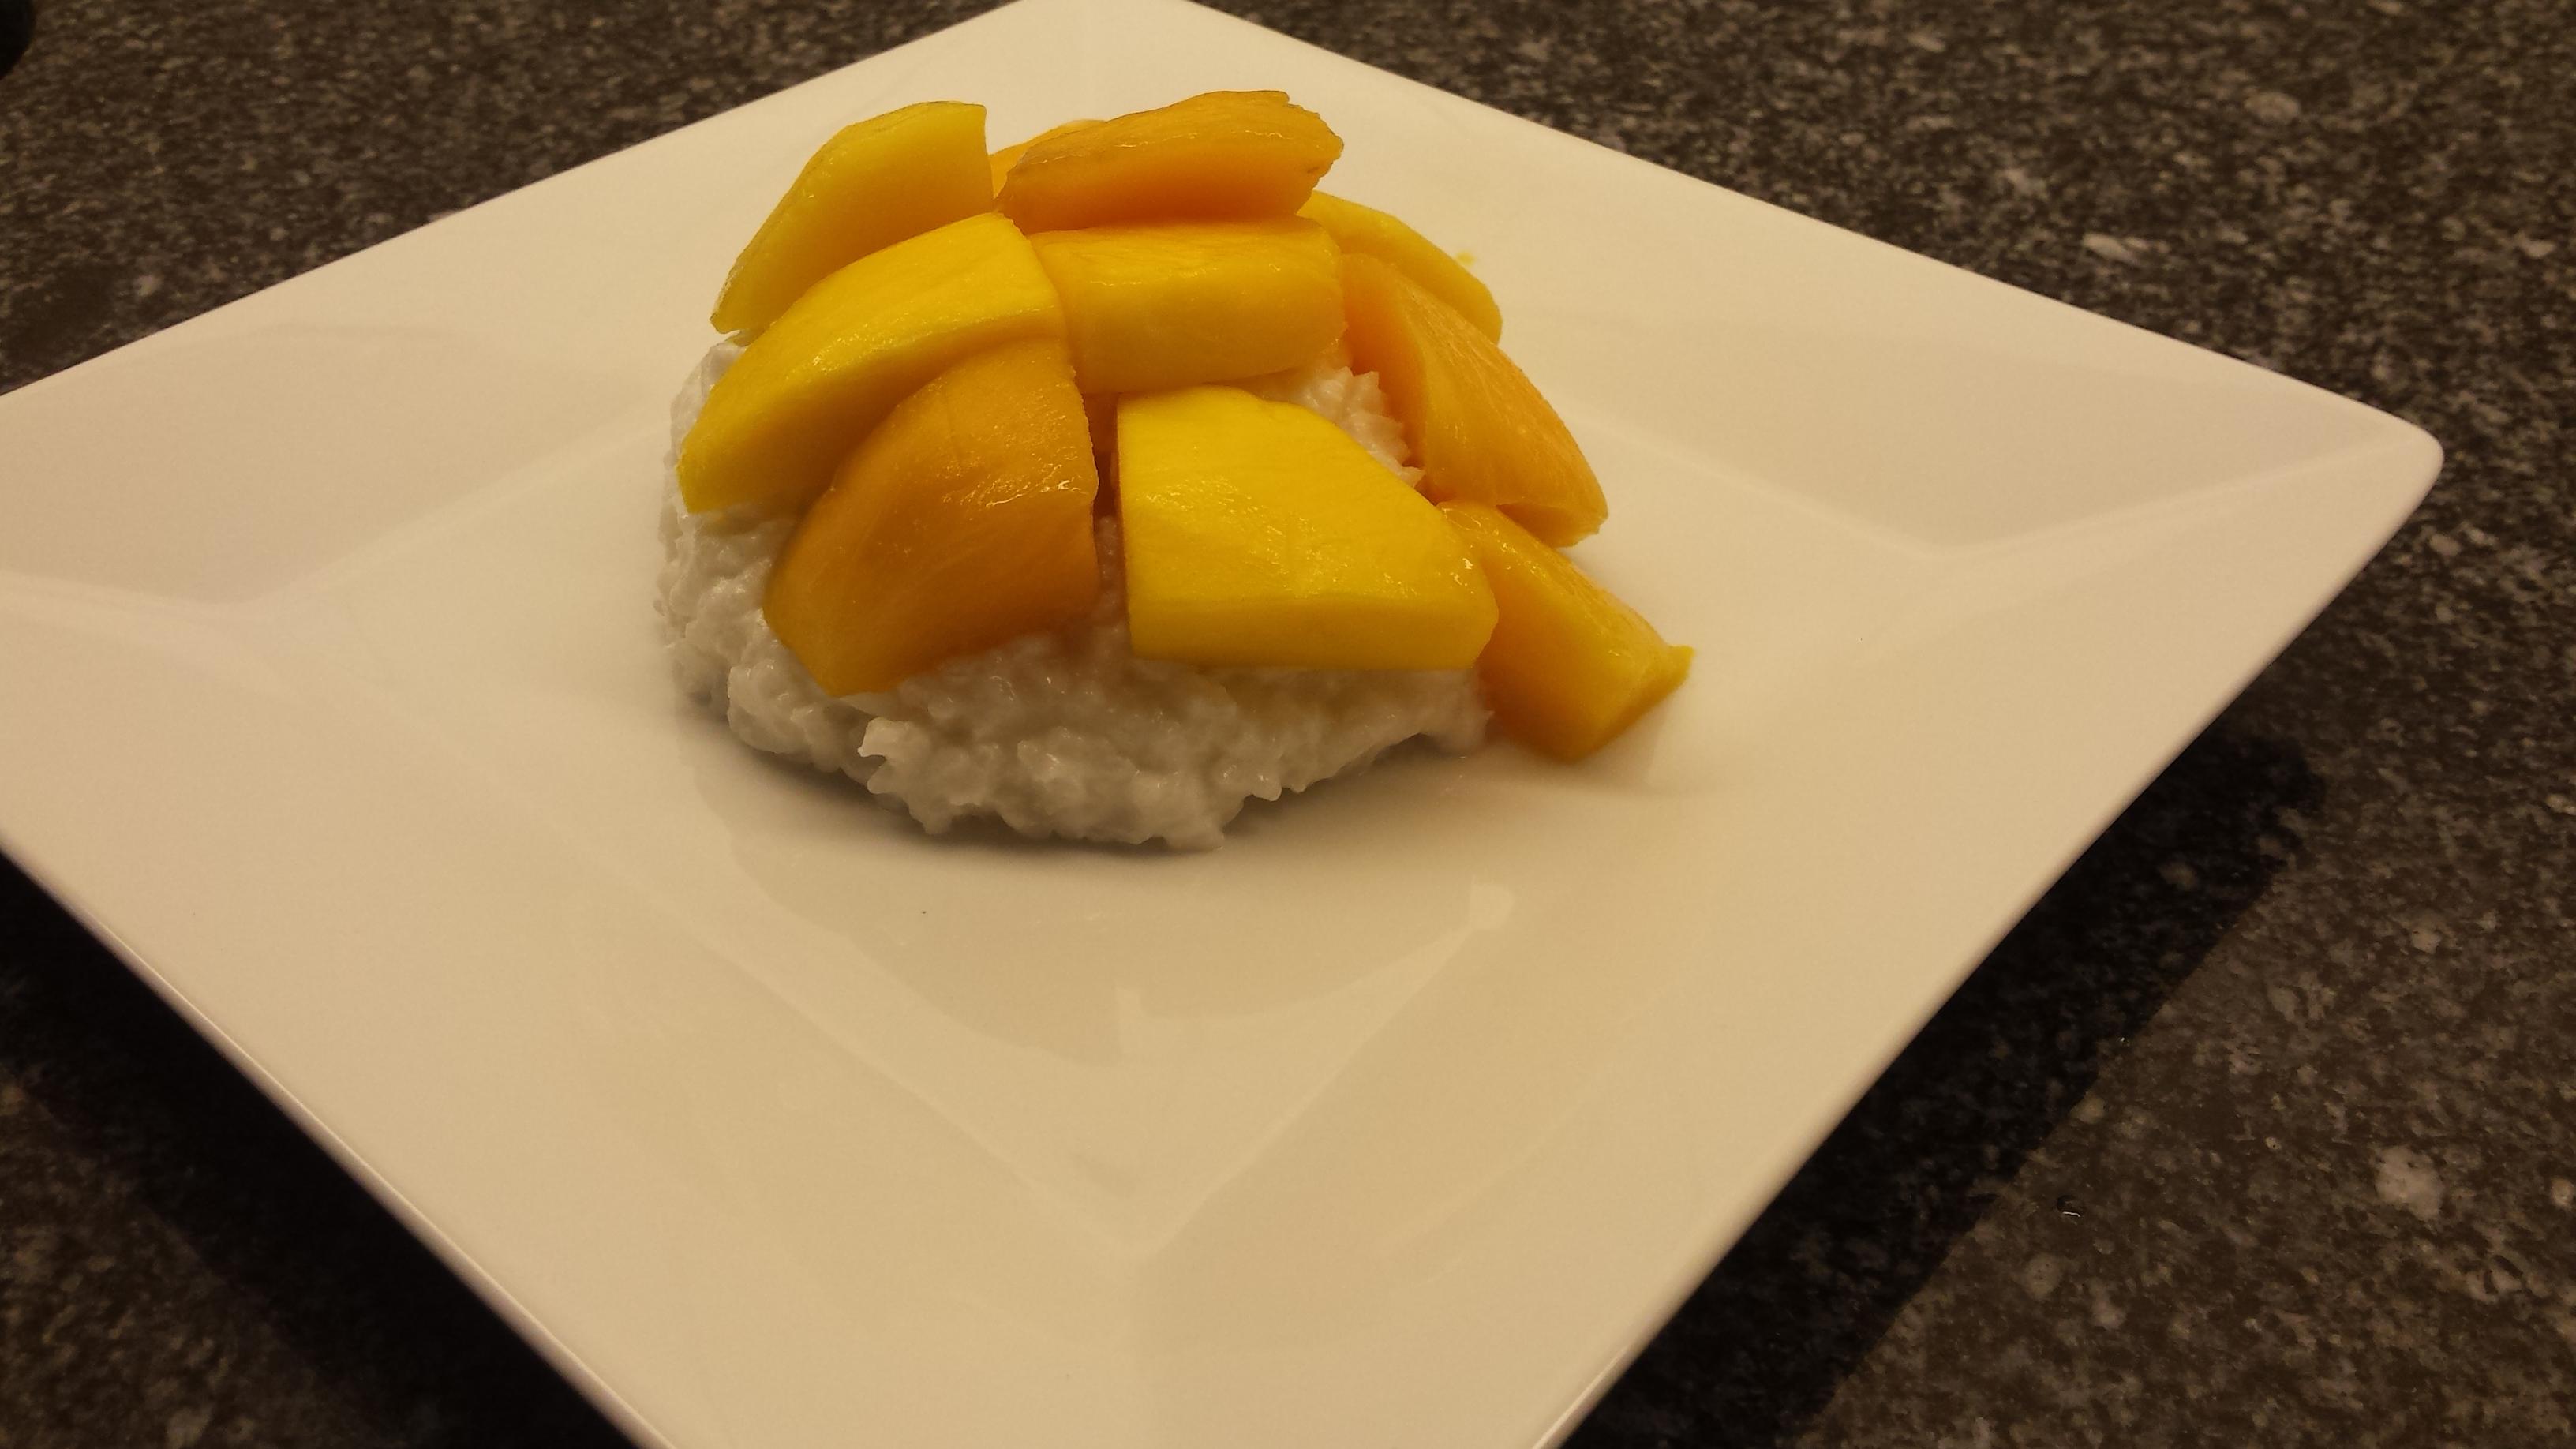 http://foodloader.net/xSh_2016-04-28_Sticky_rice_mango_.jpg